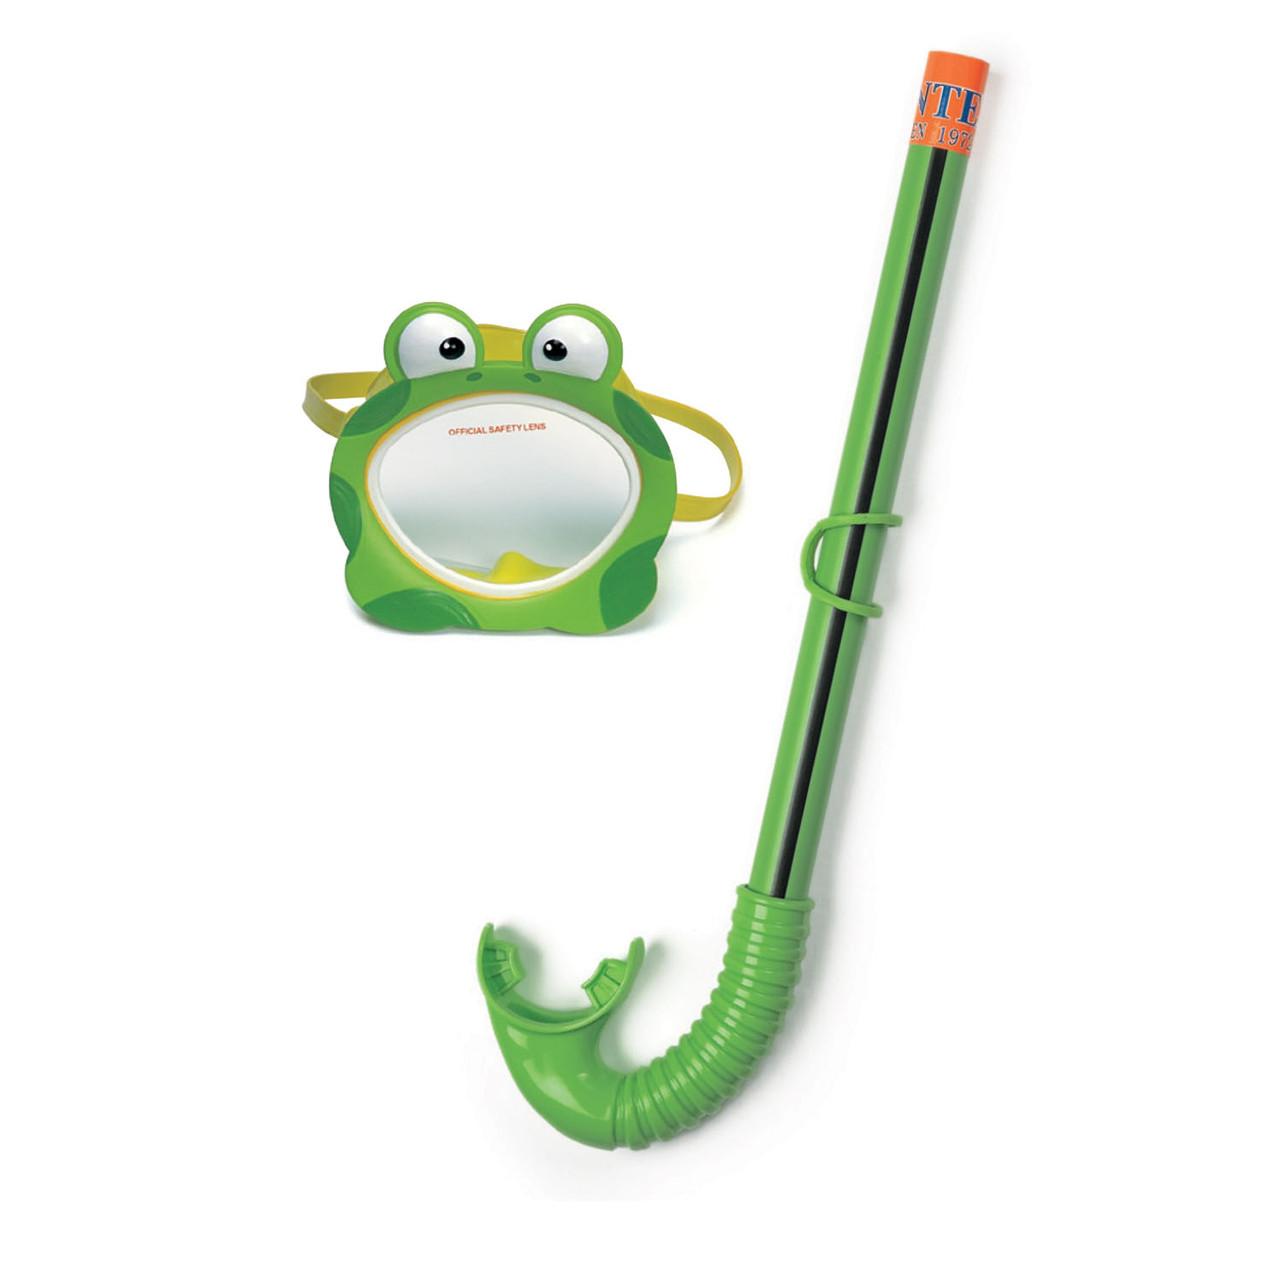 """Набор для плавания (маска + трубка) Intex 55940, набор для подводного плавания для детей 3-8 лет  - Интернет магазин """"Portal24"""" в Чернигове"""